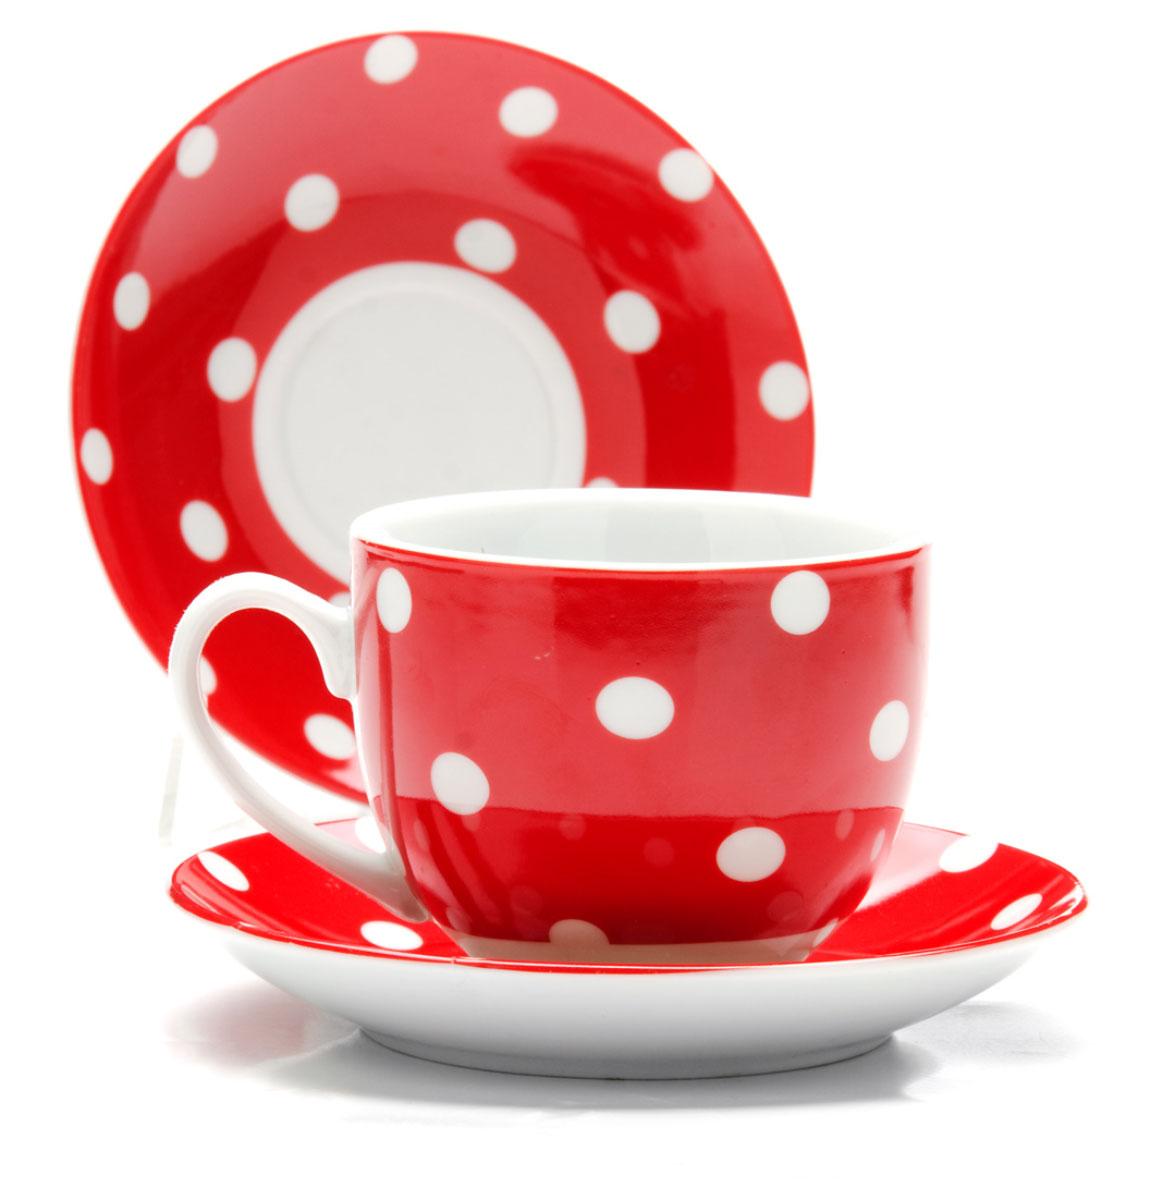 Набор чайный Loraine, цвет: белый, красный, 12 предметов. 2590425904Чайный набор Loraine состоит из 6 чашек и 6 блюдец.Изделия выполнены из высококачественного костяного фарфора иоформлены принтом в горошек.Такой набор изящно дополнит сервировку стола к чаепитию.Благодаря оригинальному дизайну и качеству исполнения он станетзамечательным подарком для ваших друзей и близких.Объем чашки: 240 мл.Диаметр чашки по верхнему краю: 8,5 см.Высота чашки: 7 см.Диаметр блюдца: 14 см. Высота блюдца: 2,2 см.